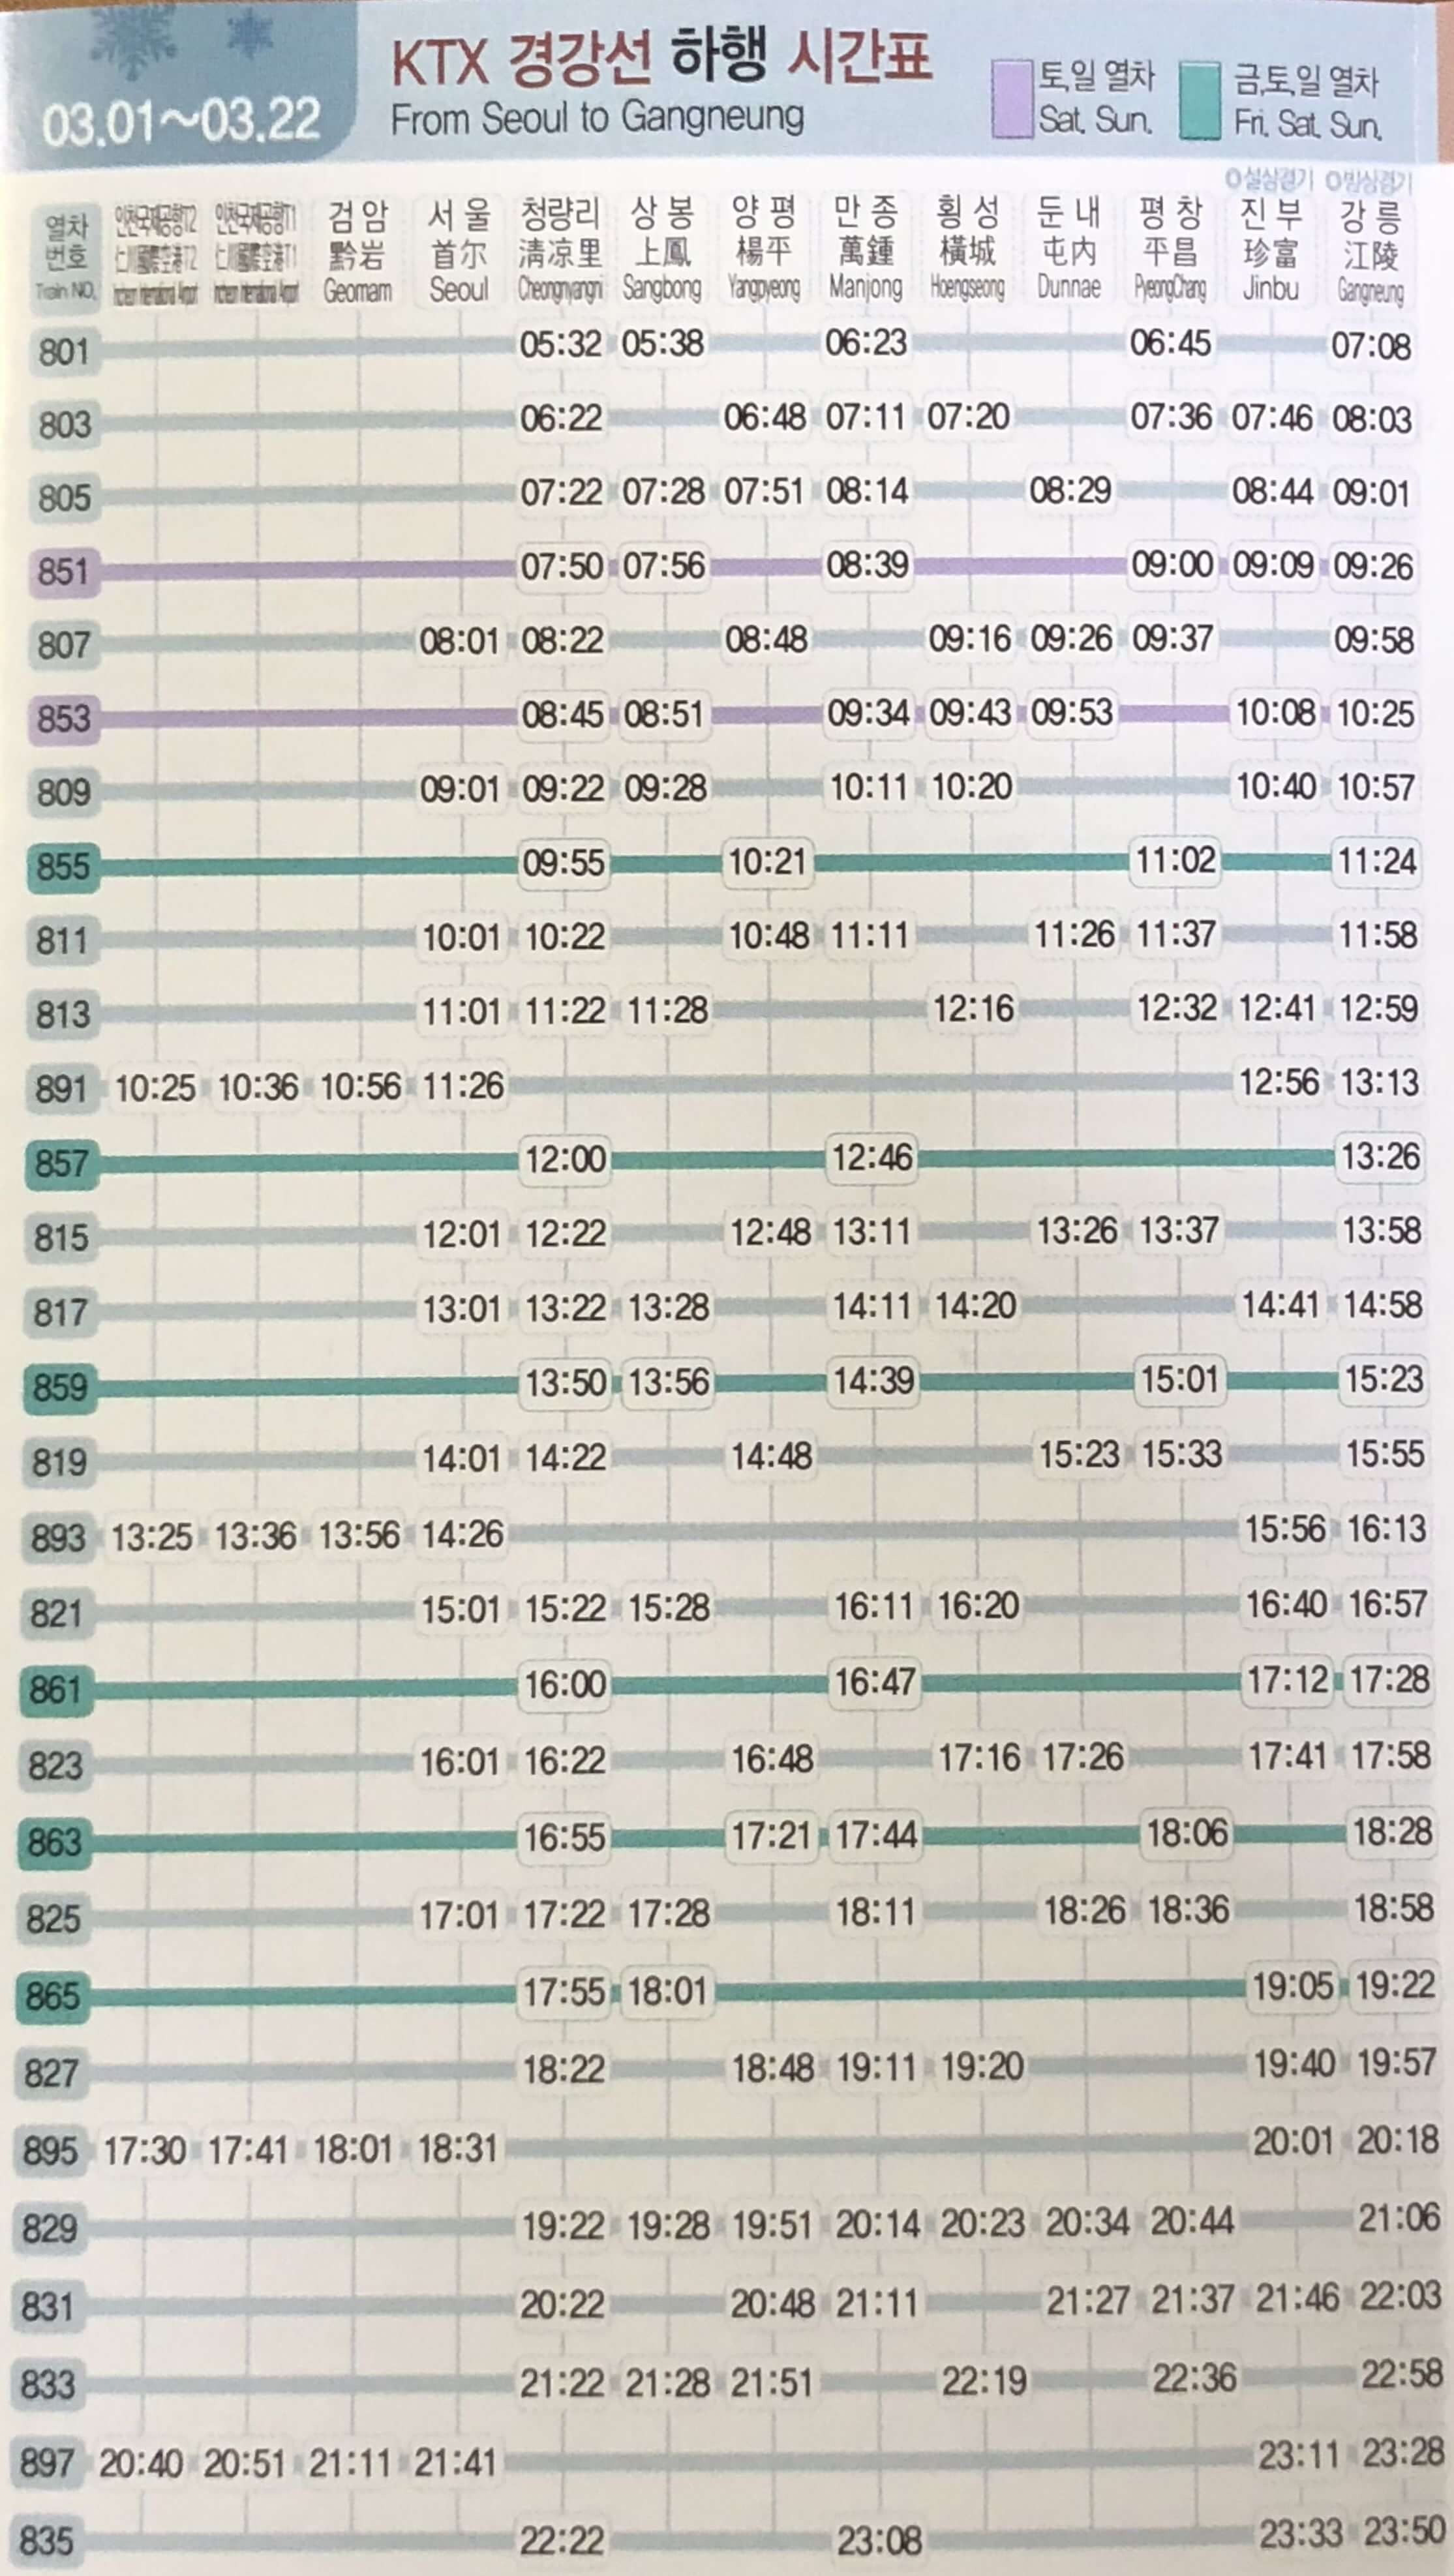 ソウルから江陵(カンヌン)のKTXの時刻表(3月1日~3月22日)